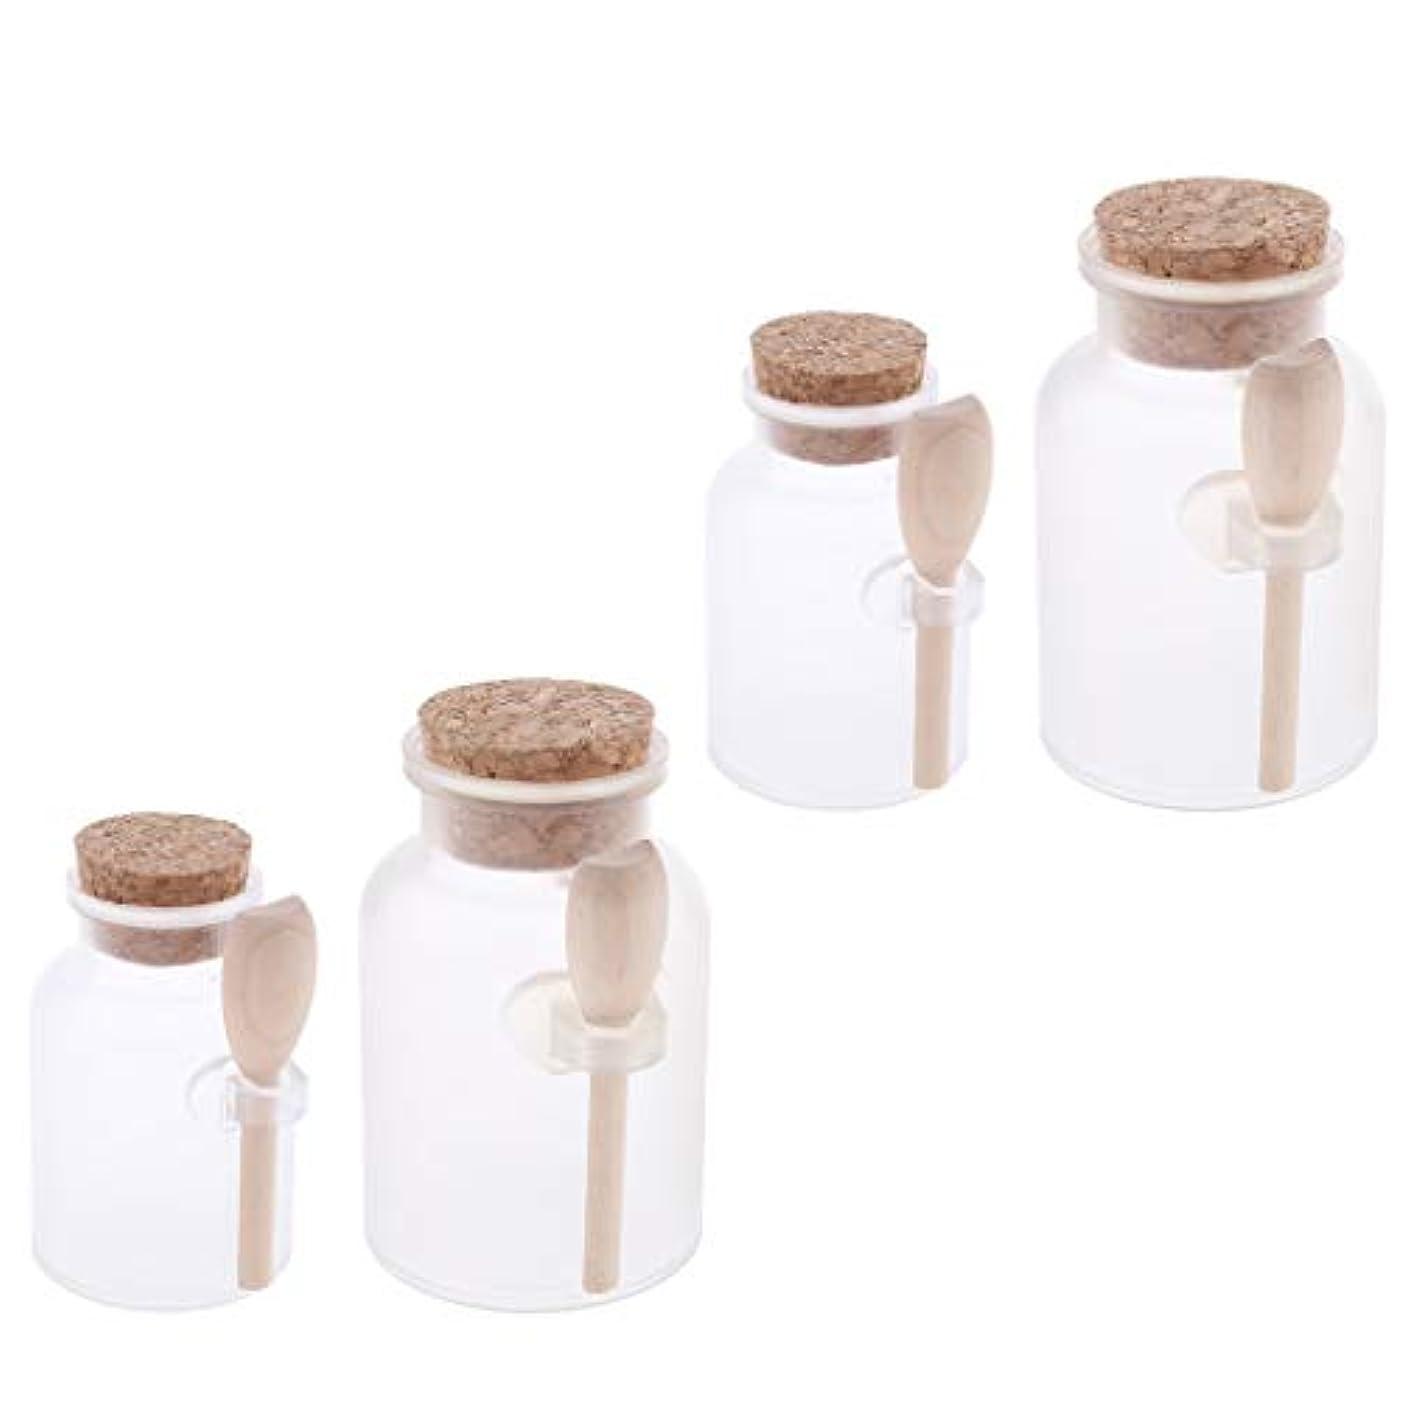 警戒経済過度に4個入り クリーム瓶 クリームボトル アロマボトル バスソルト容器 化粧品ボトル 透明